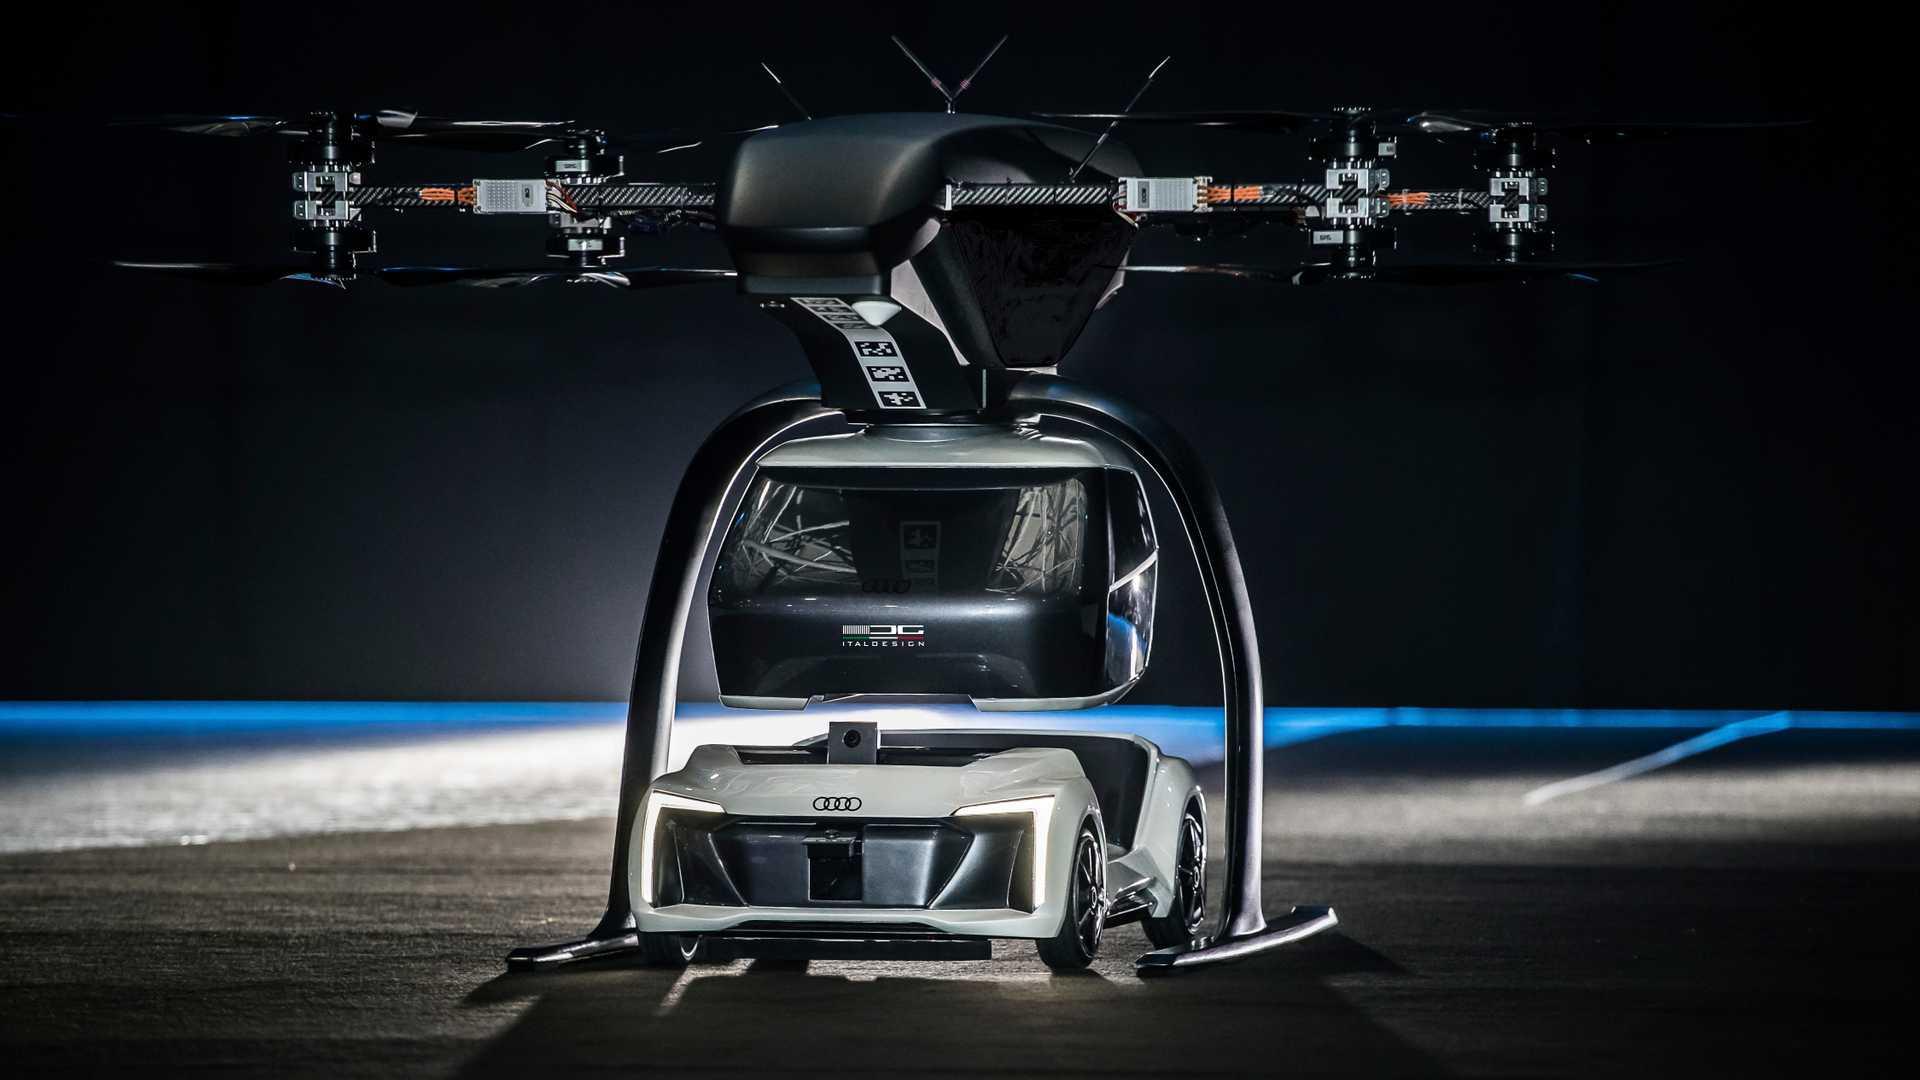 Фантастика или блиска реалност: самолетечко такси од Audi / ФОТО